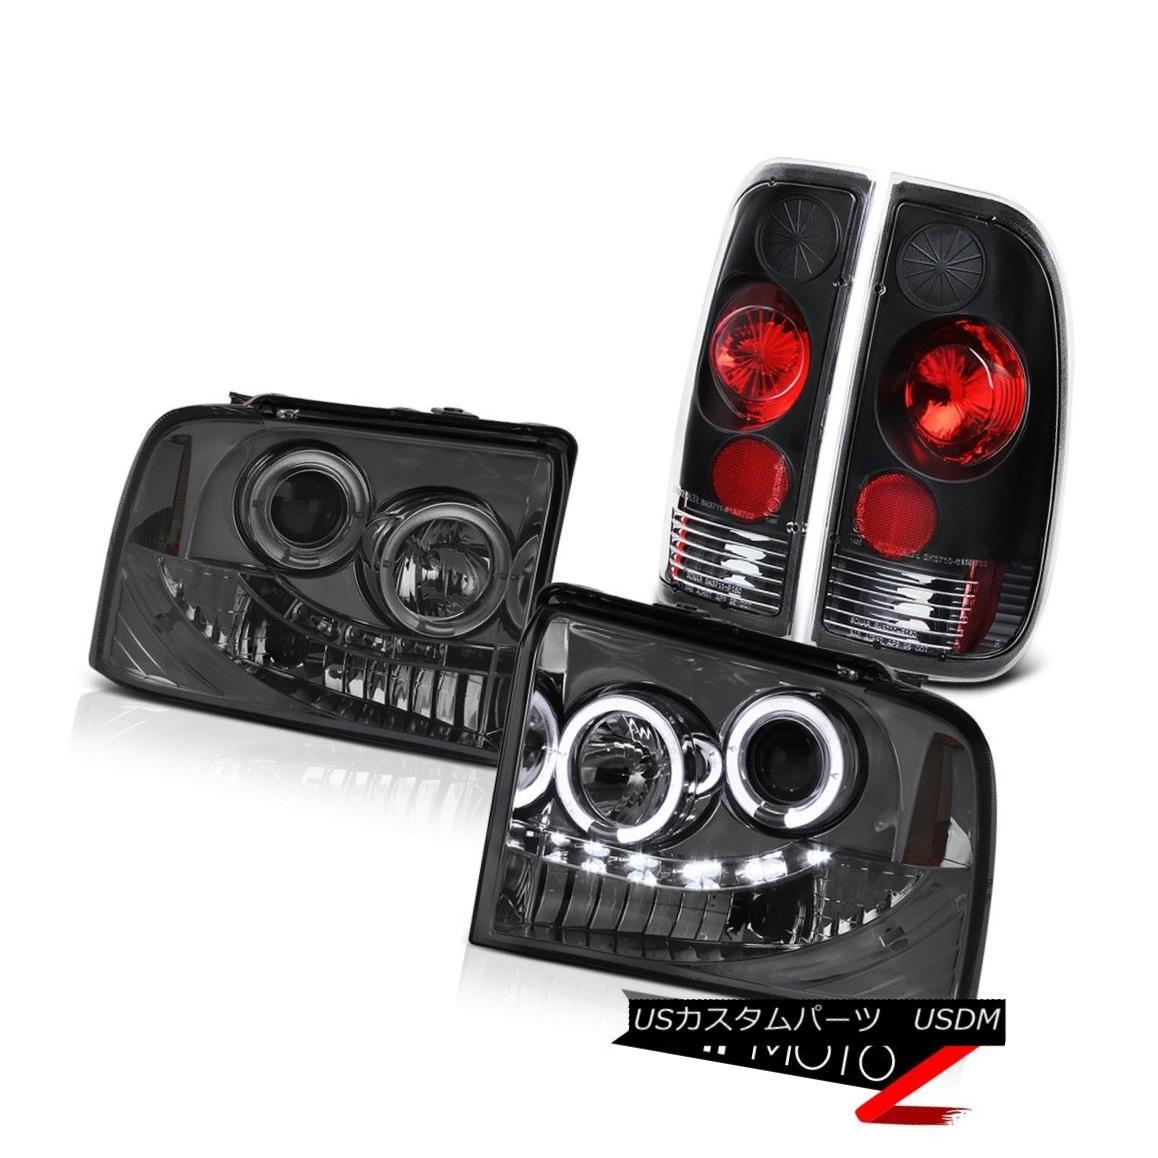 ヘッドライト 2005-2007 Ford F350 Superduty XL Headlight Halo DRL LED Black Clear Tail Lamps 2005-2007フォードF350スーパーDuty XLヘッドライトHalo DRL LEDブラッククリアテールランプ